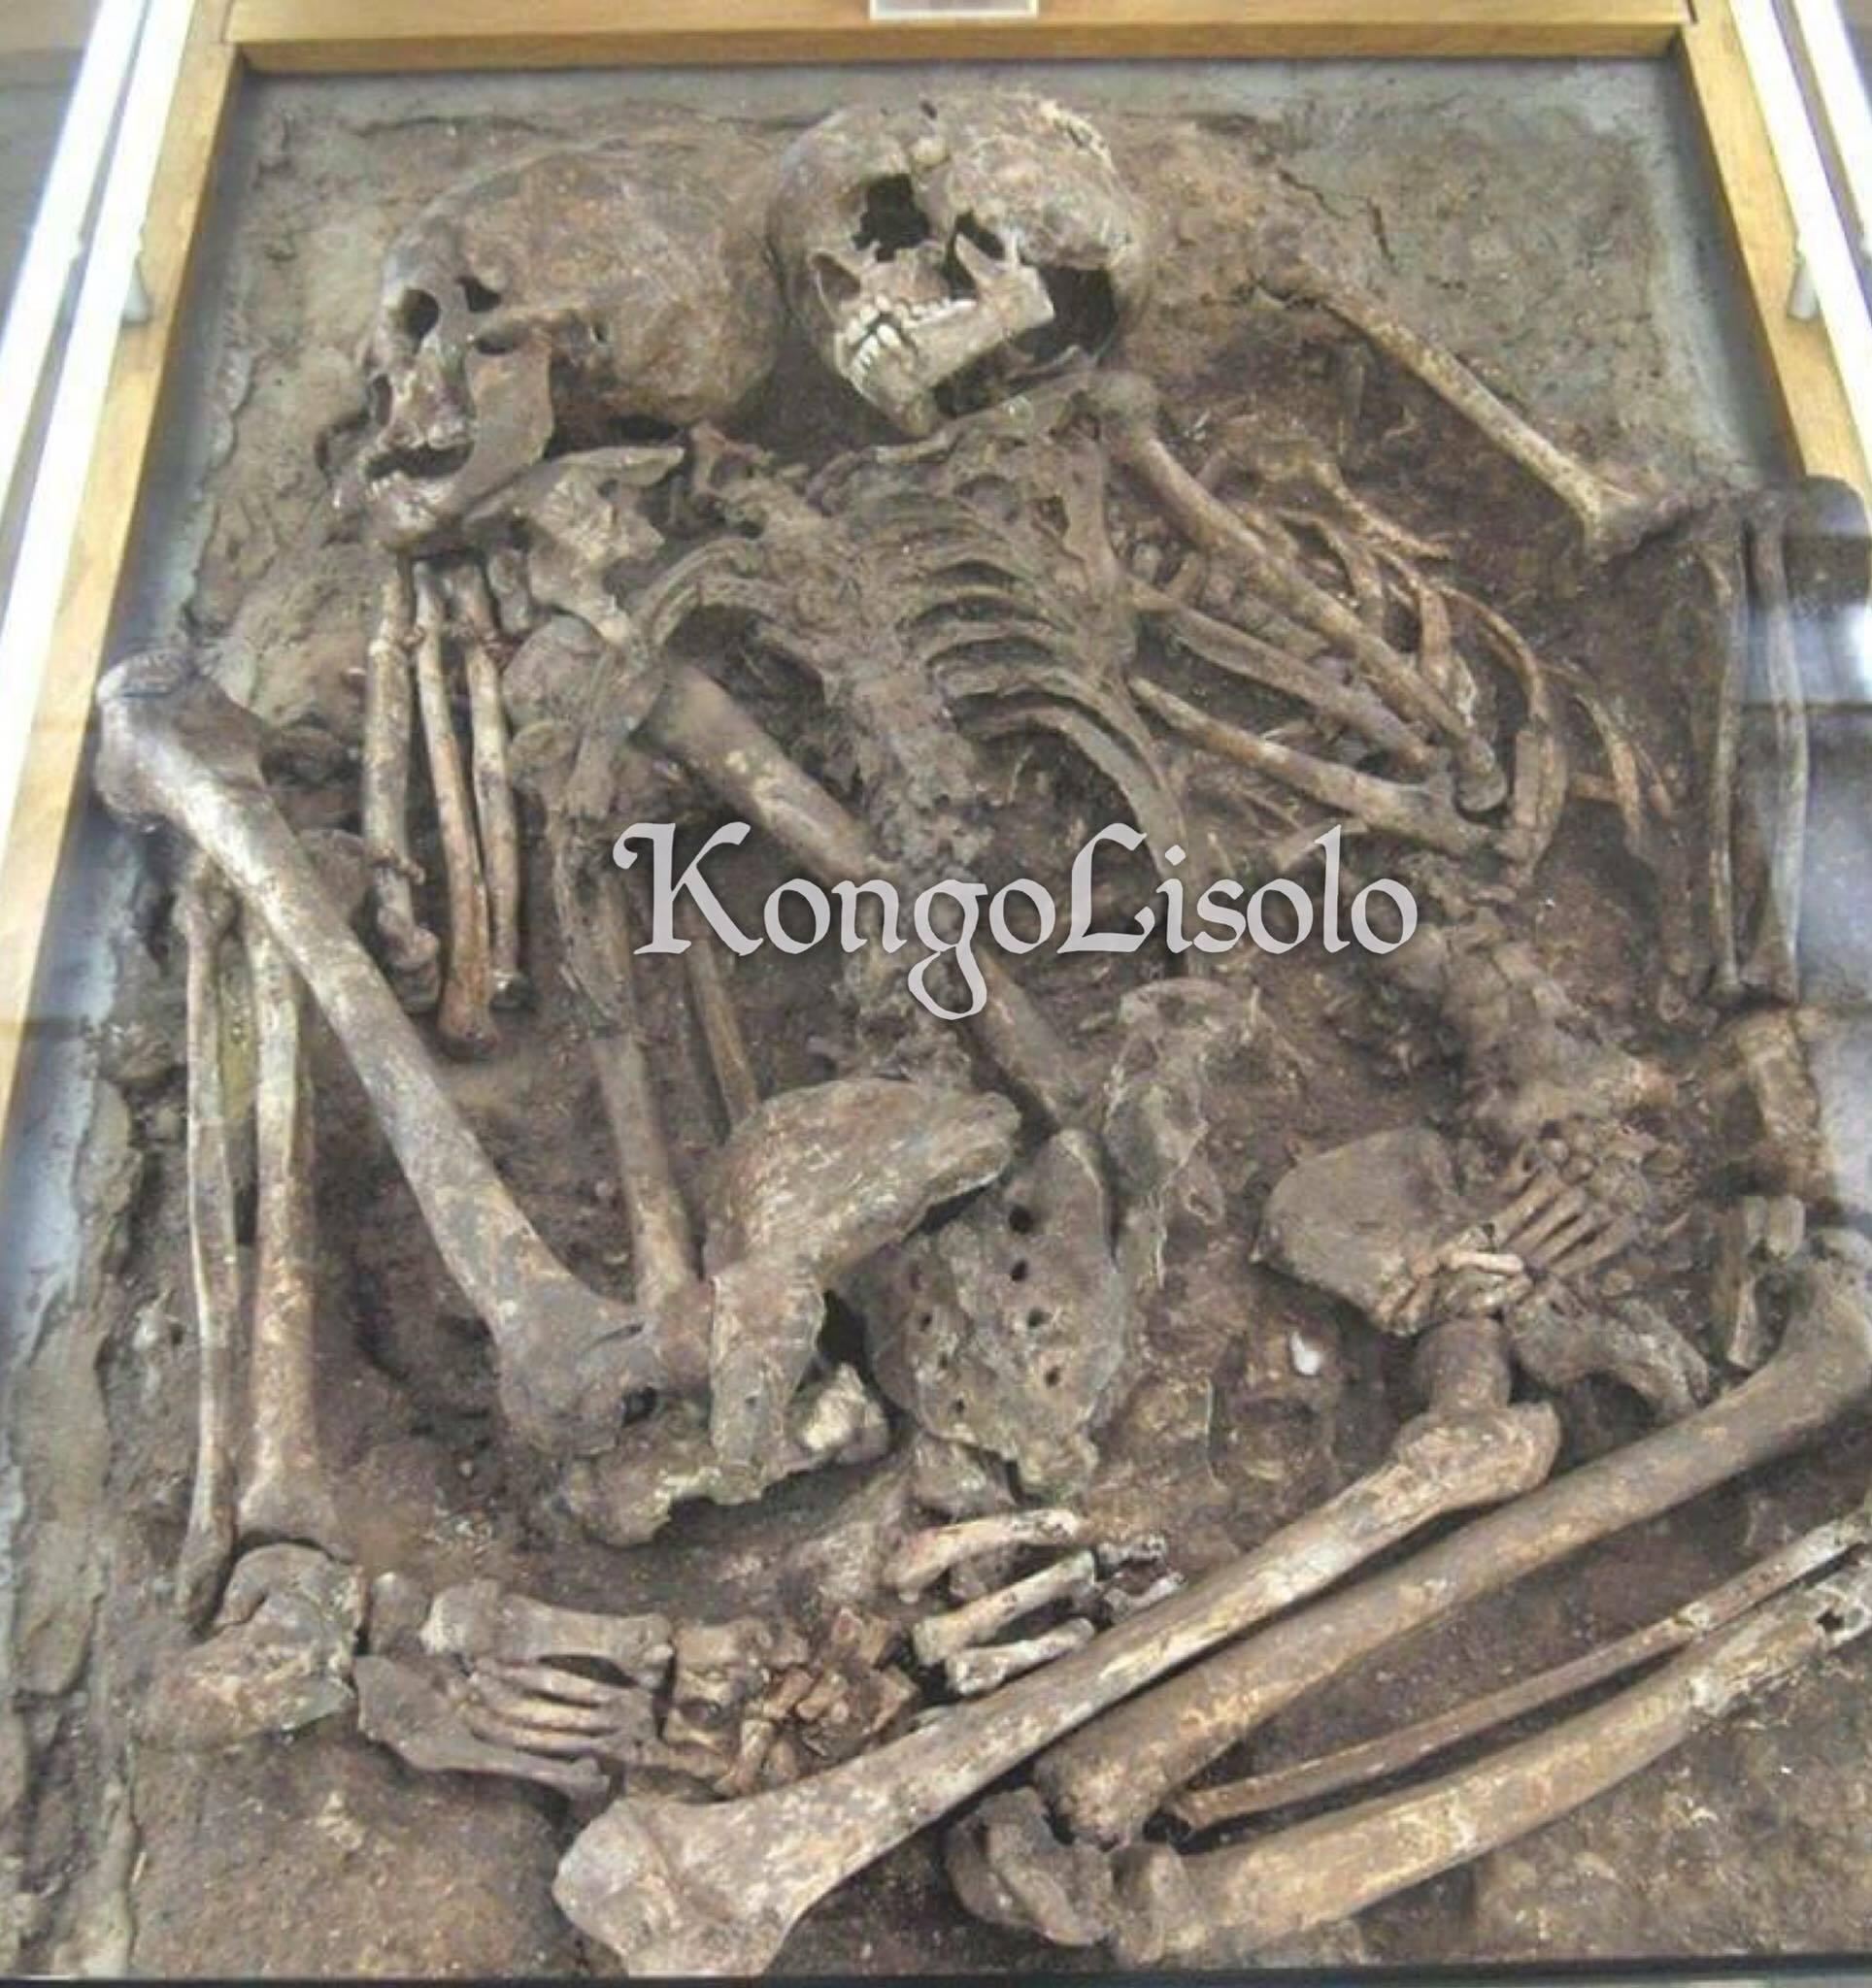 Bay manti, vyolans ak kamouflaj yo se espesyalite yo: paleoanthropology franse reklamasyon yo te jwenn yon dan fin vye granmoun 560 000 ane ki ta ka fè pati nan zansèt yo blan.